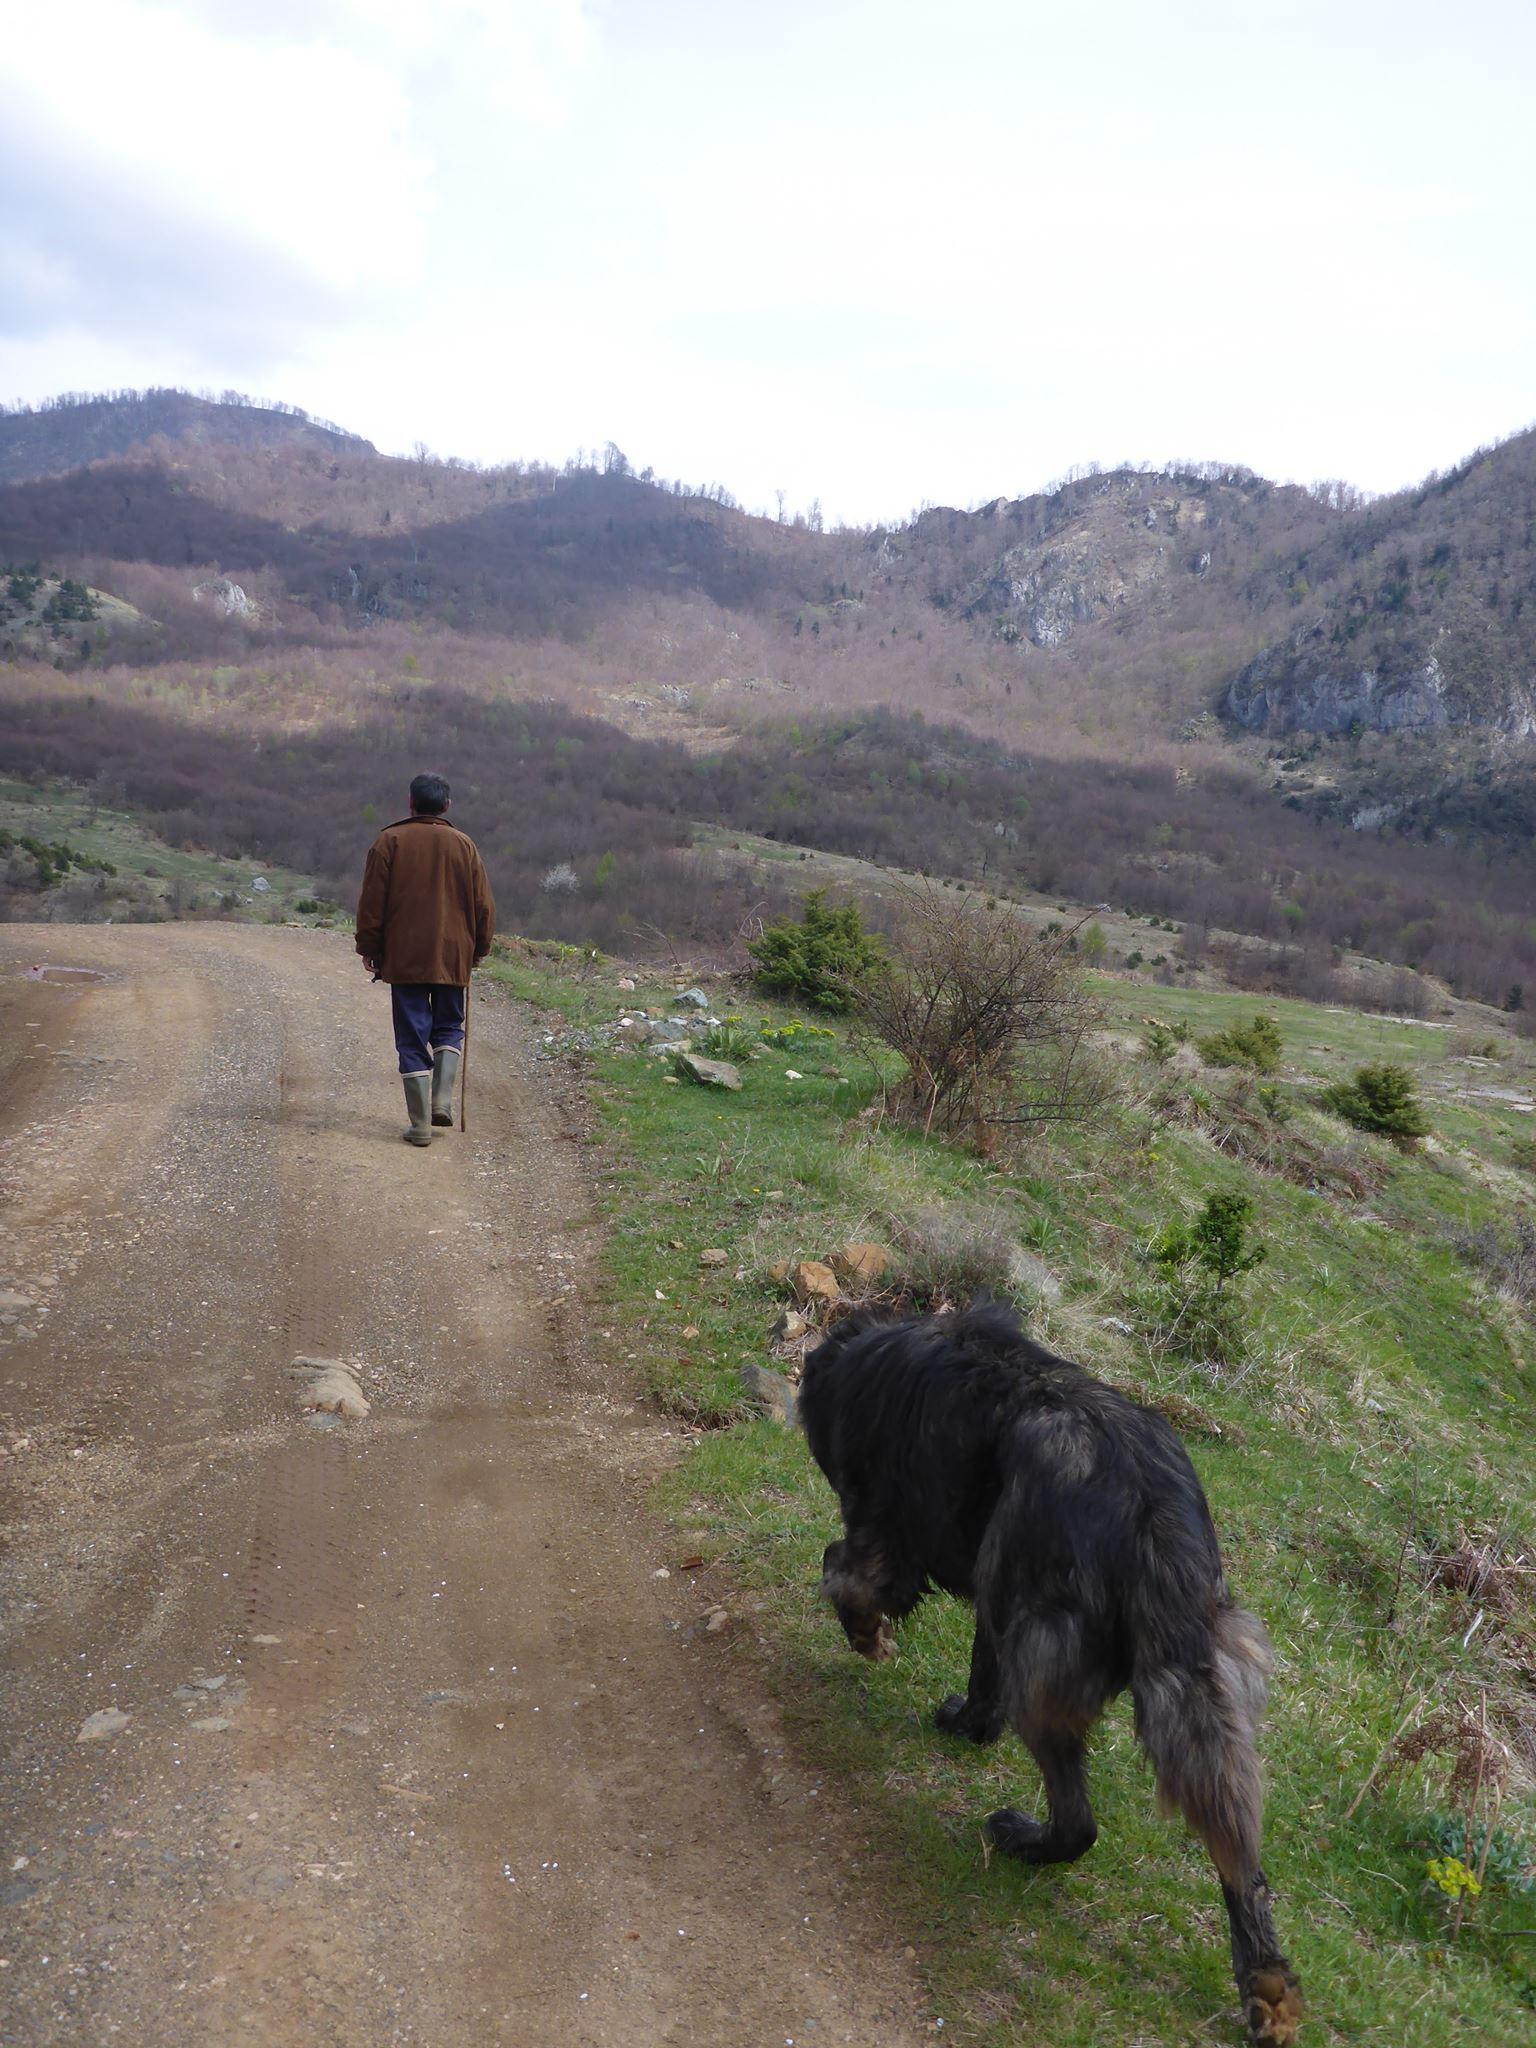 Un berger et son énorme chien me guident quelques kilomètres dans les montagnes